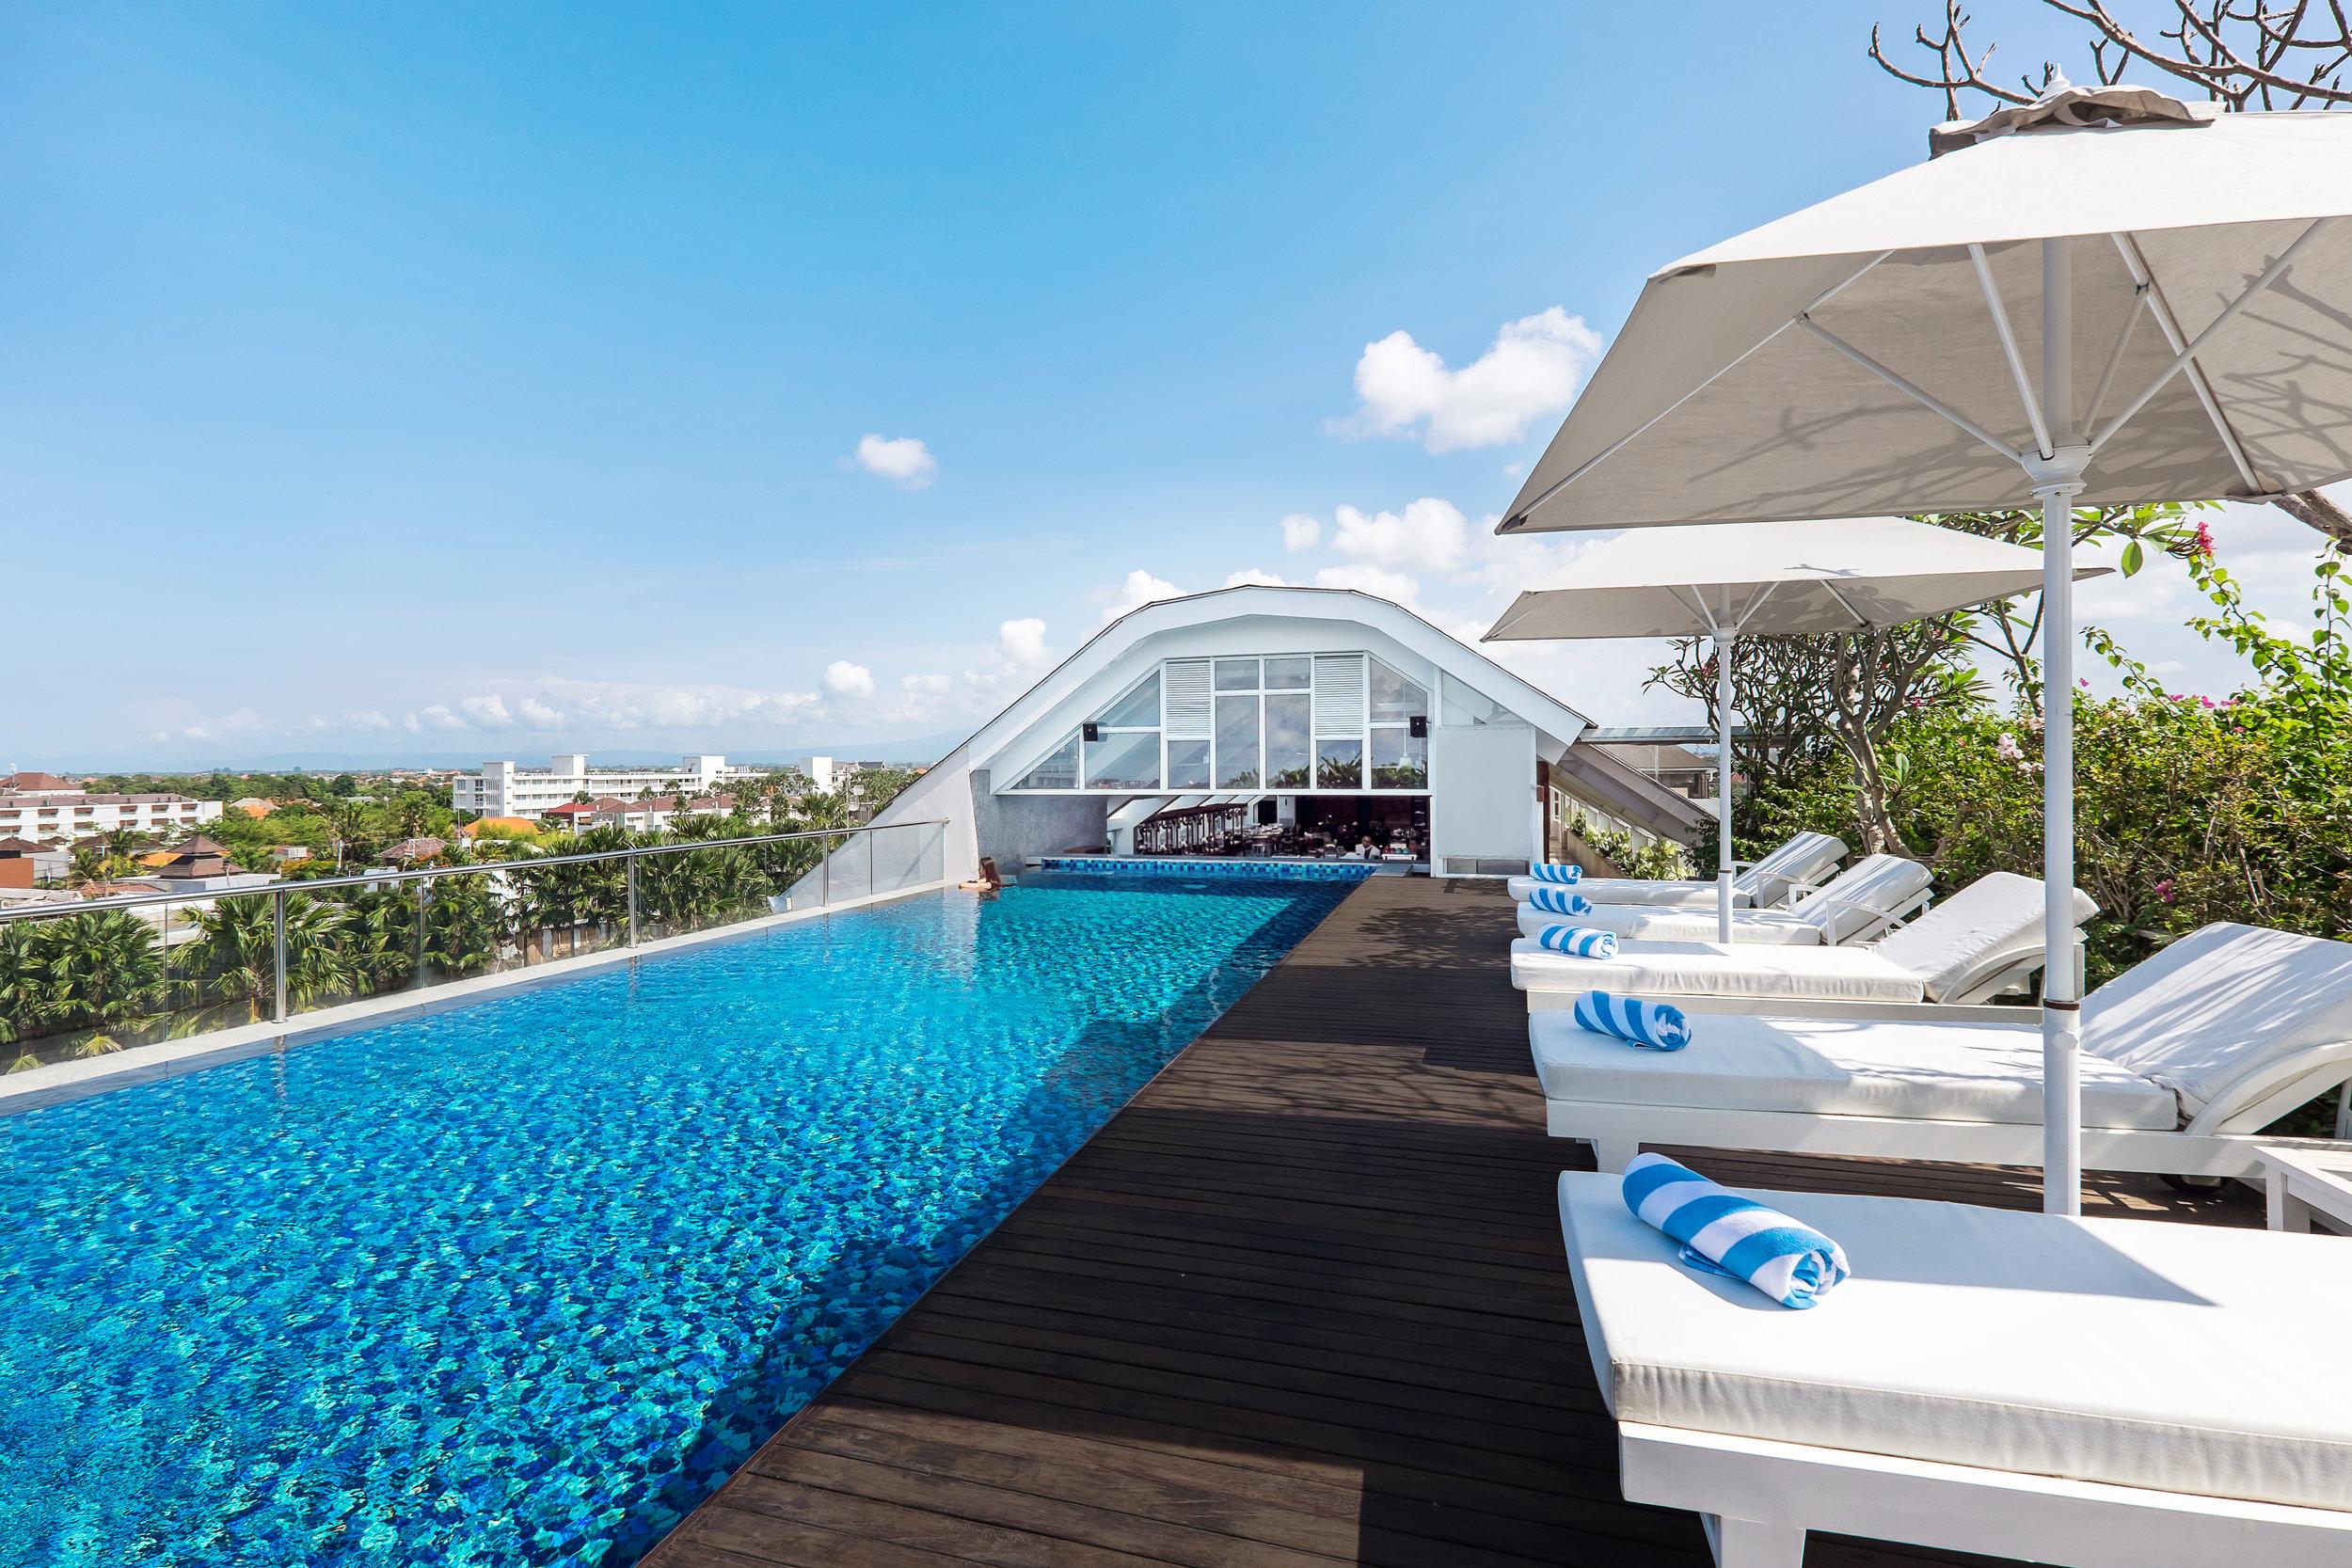 Jambuluwuk Oceano Seminyak Infinity Swimming Pool at The Rooftop .jpg